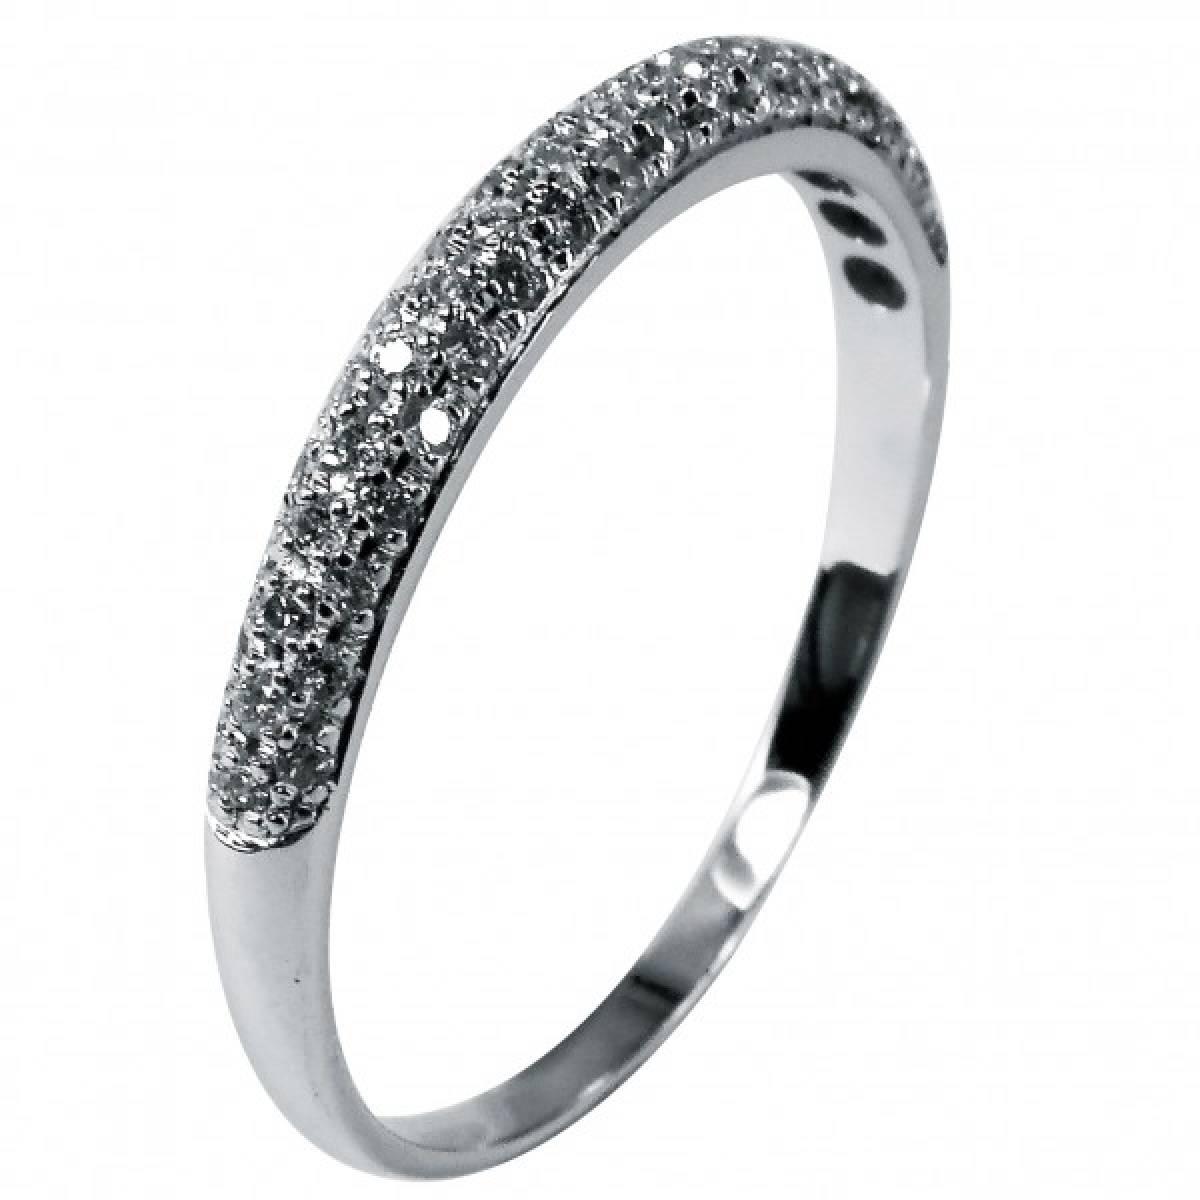 Anel de Noivado com diamantes ou zircónias, em ouro de 19 kts